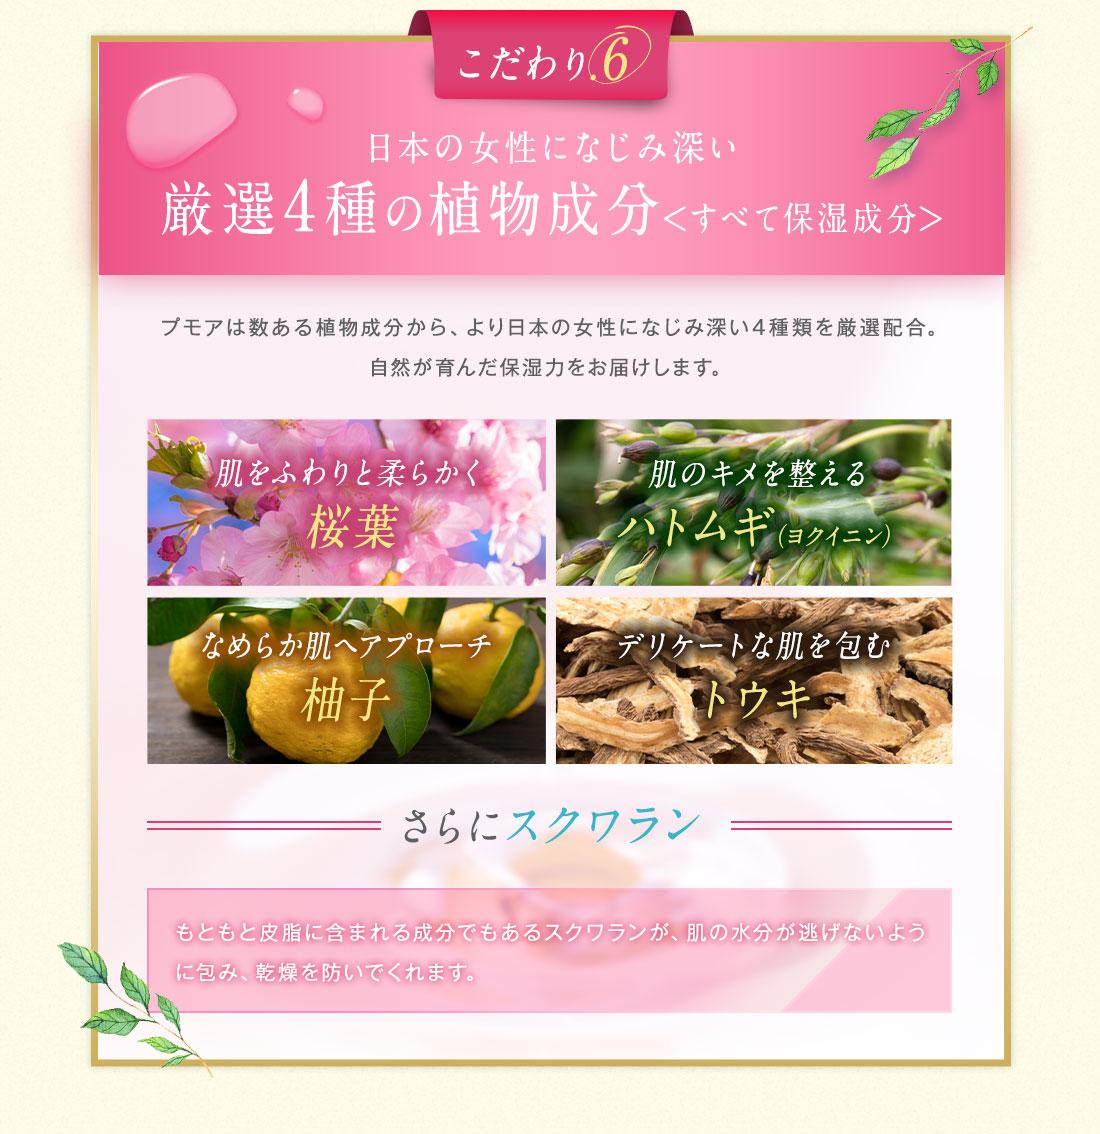 厳選4種の植物成分<すべて保湿成分> 肌をふわりと柔らかく 桜葉・肌のキメを整えるハトムギ(ヨクイニン)・なめらか肌へアプローチ ゆず・デリケートな肌をつつむトウキ